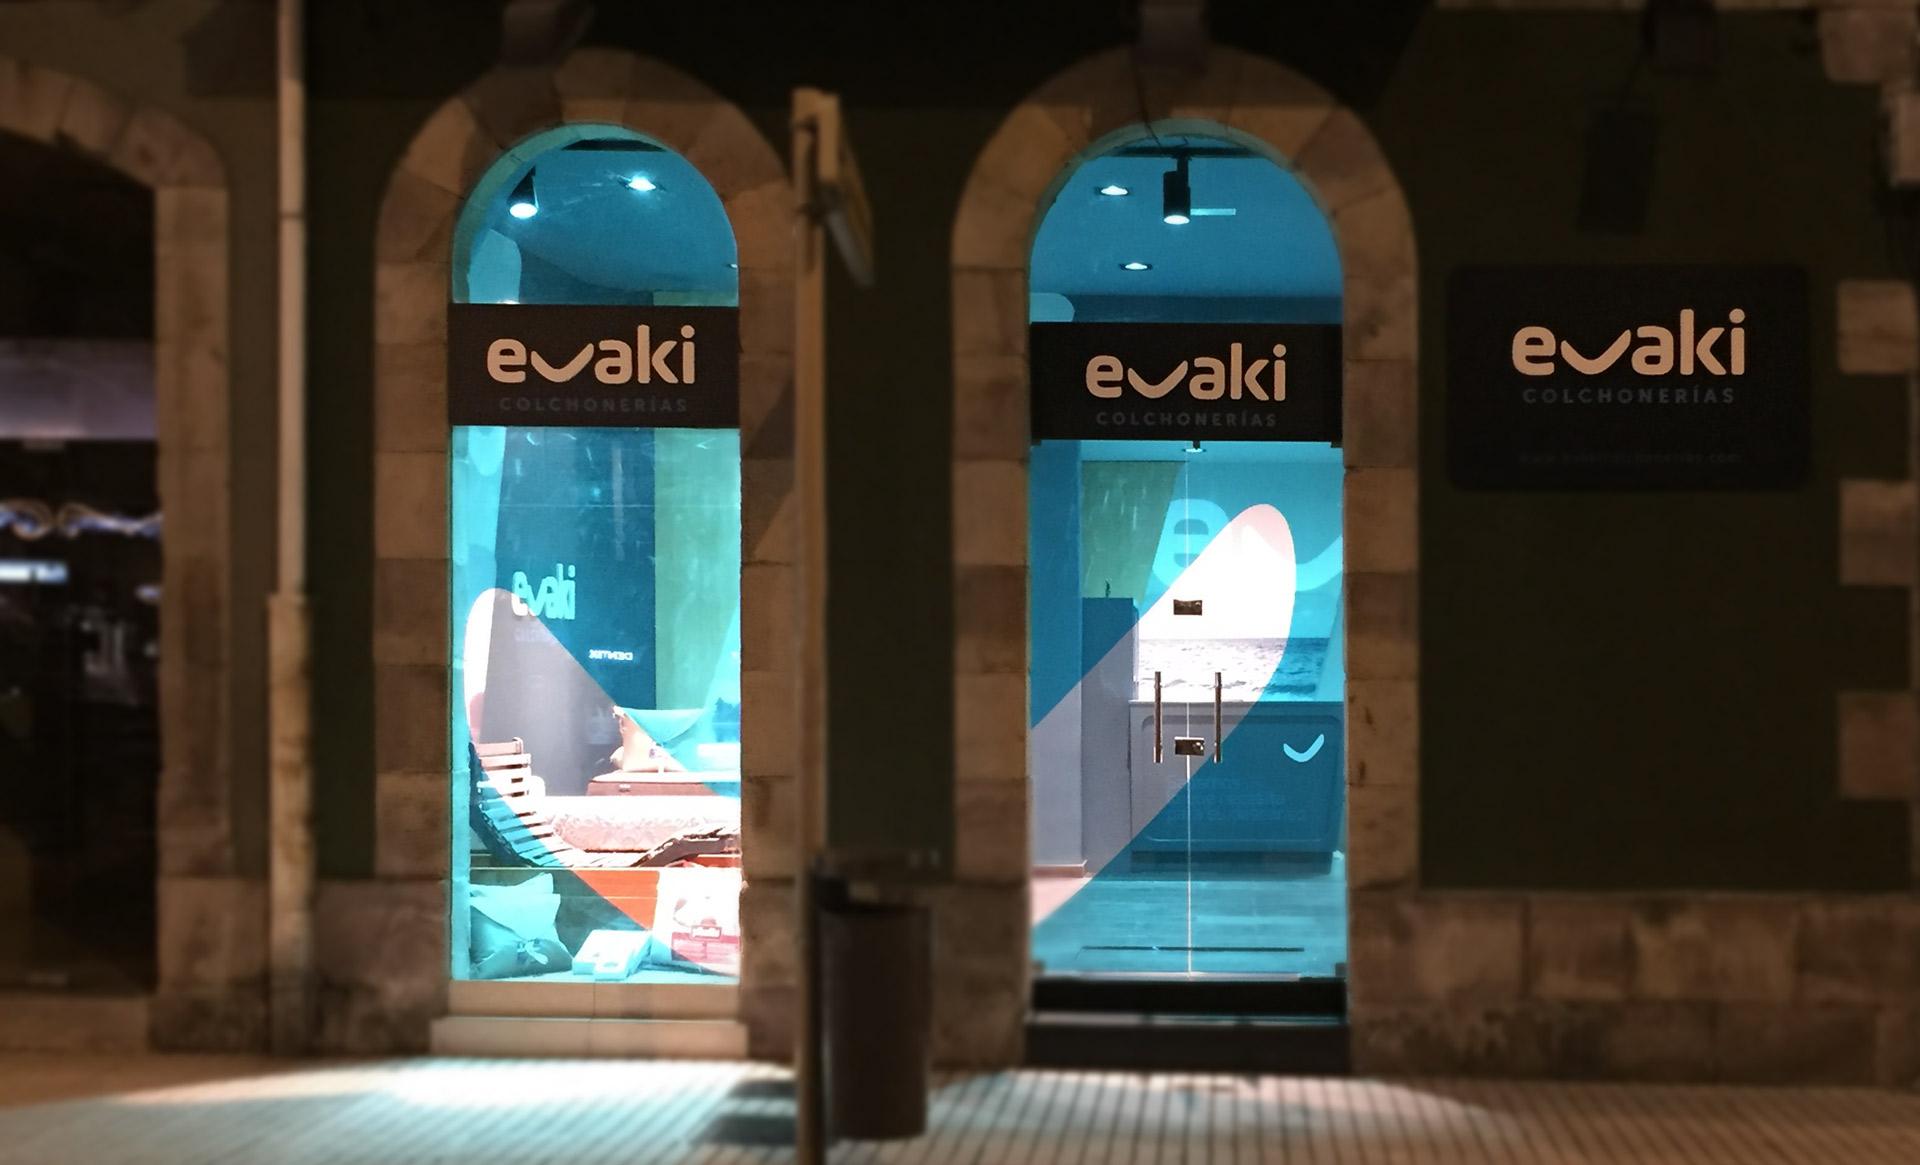 evaki_interior_4